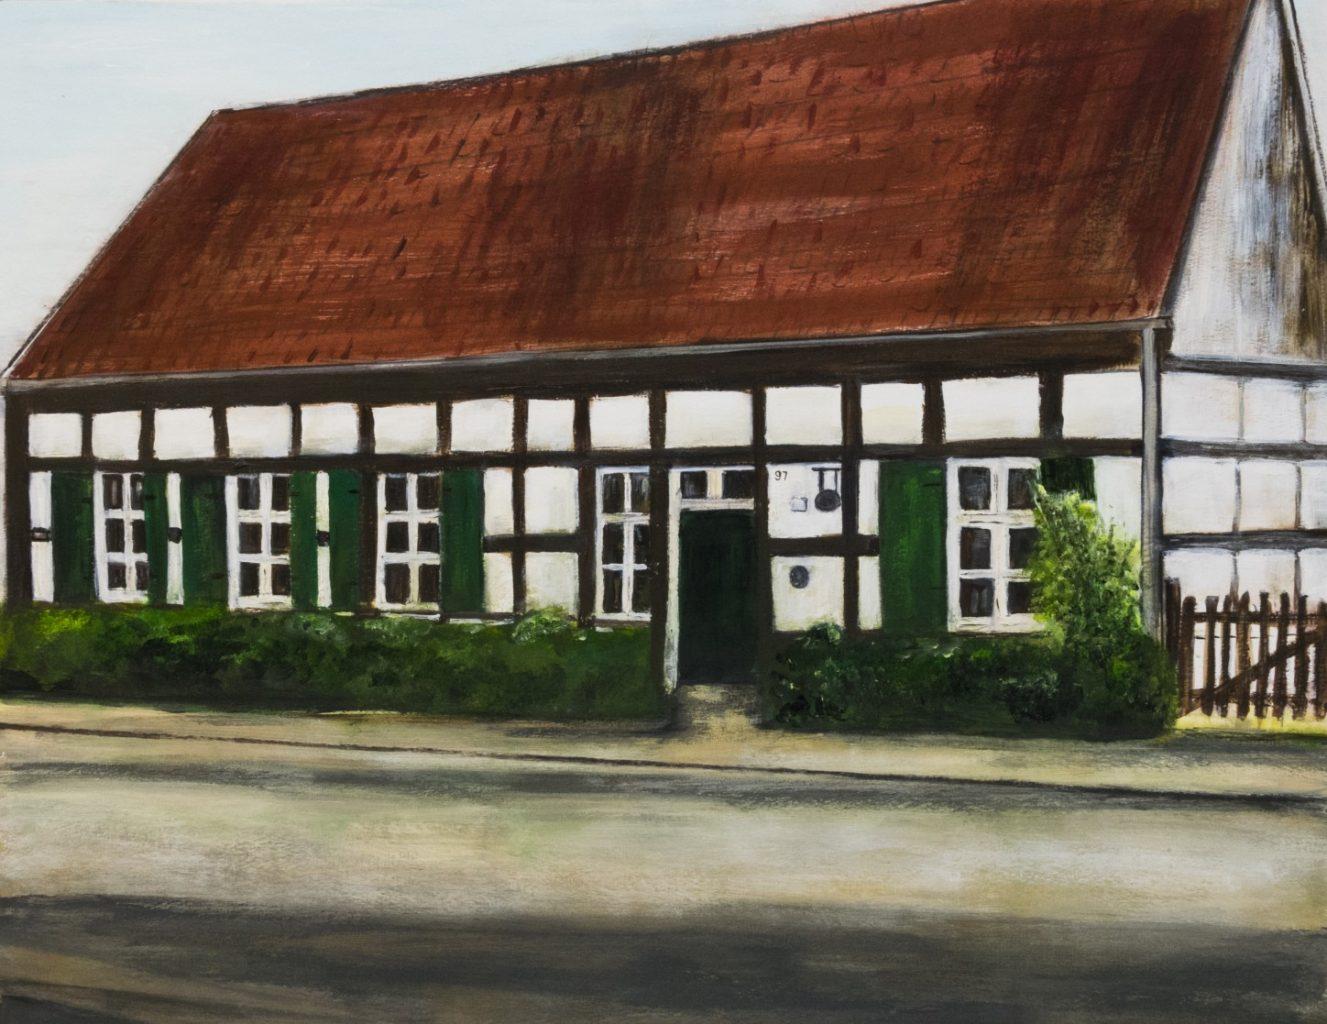 Gemälde des Gallitzin-Hauses. Von Uschi Dillmann.